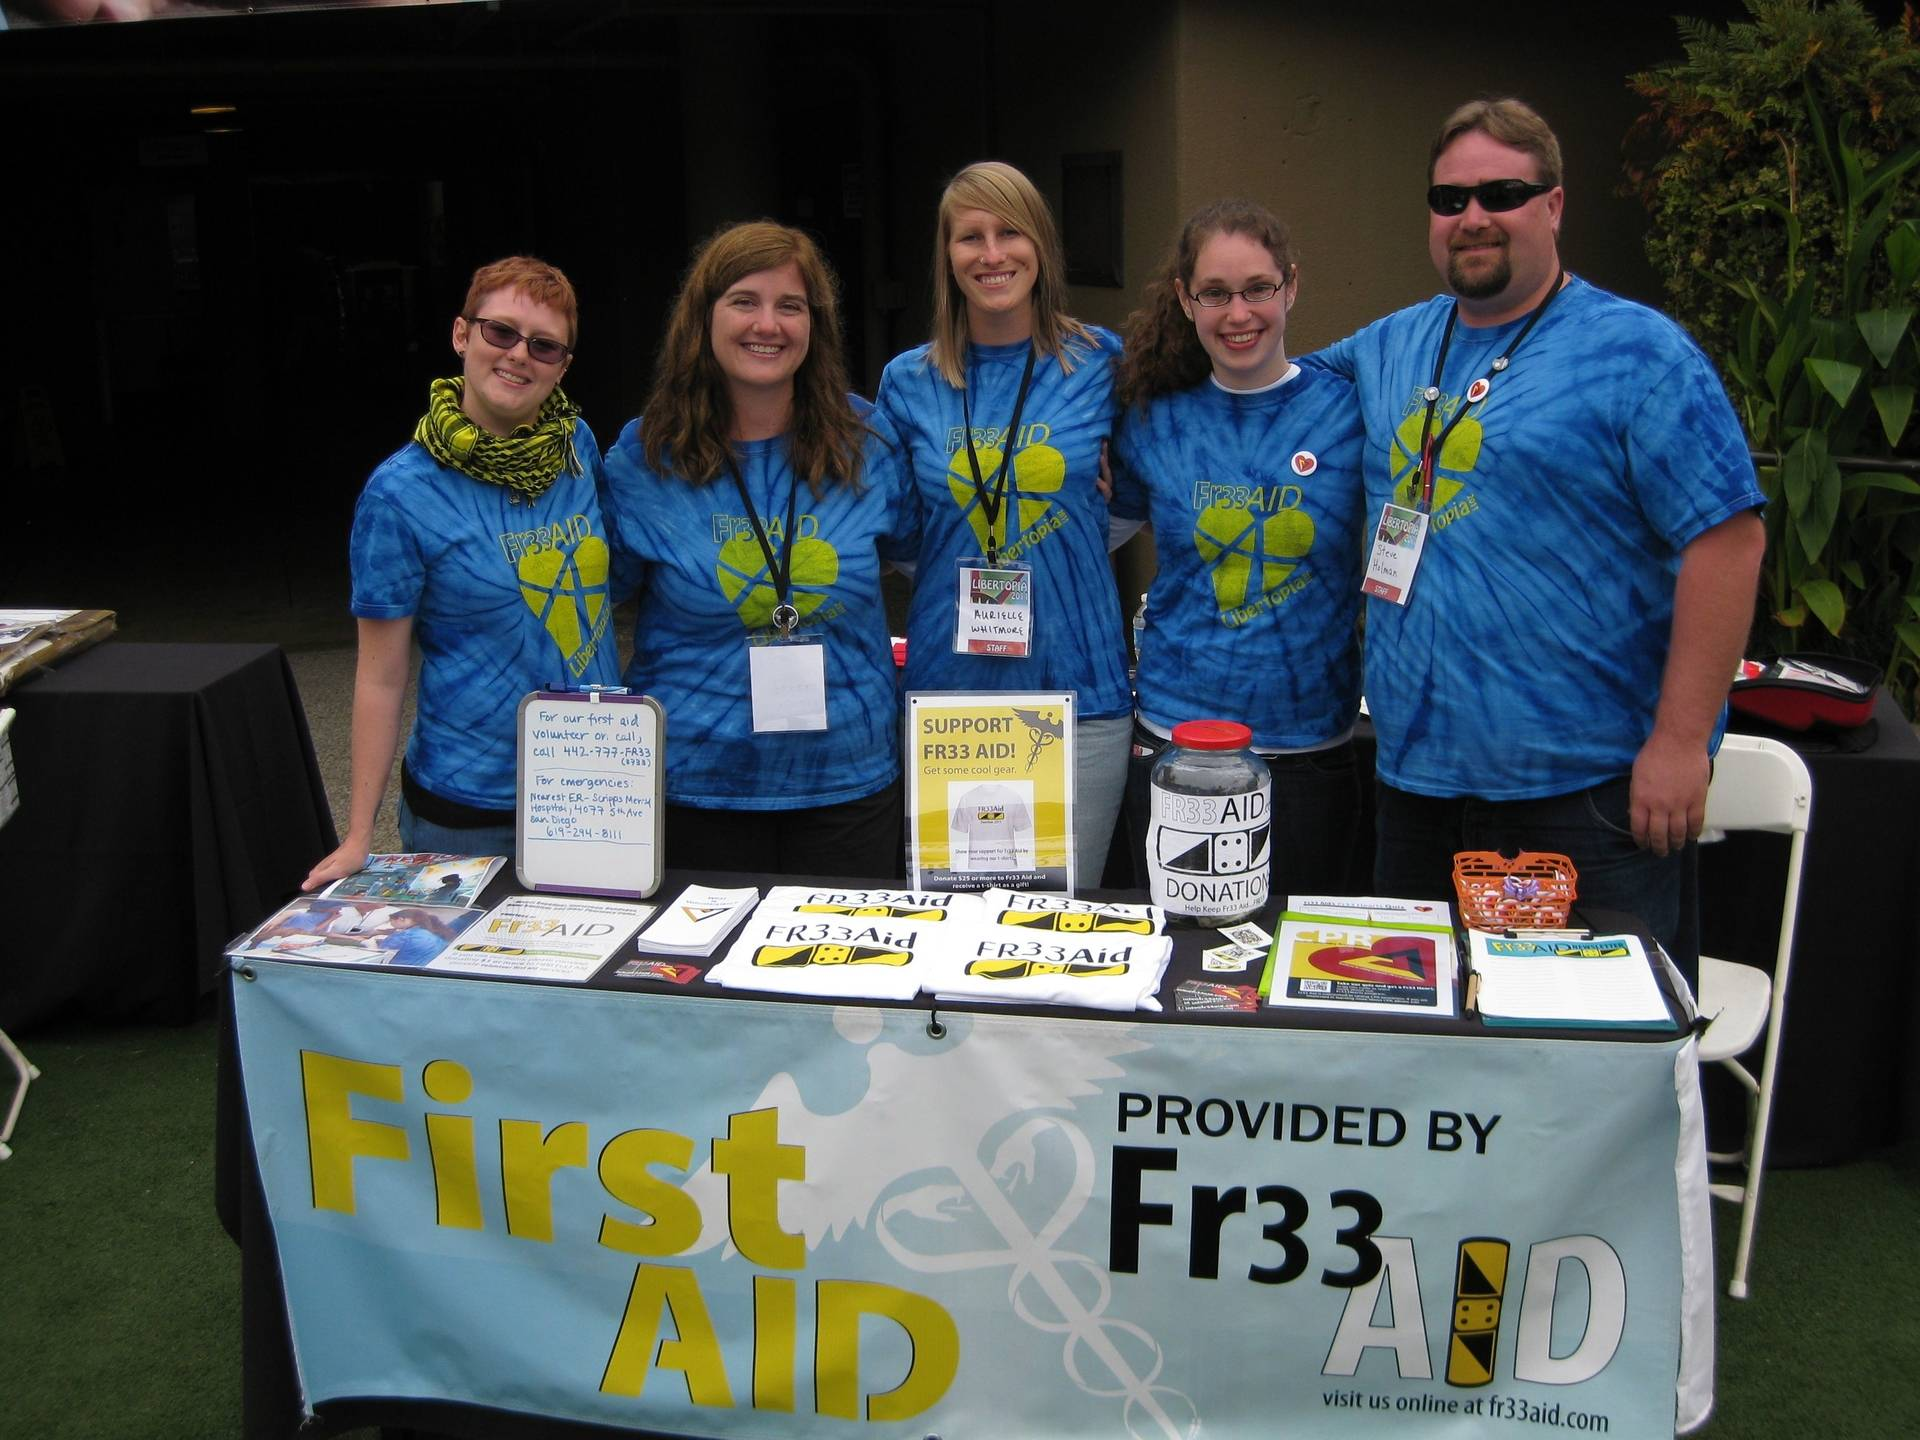 Fr33 Aid